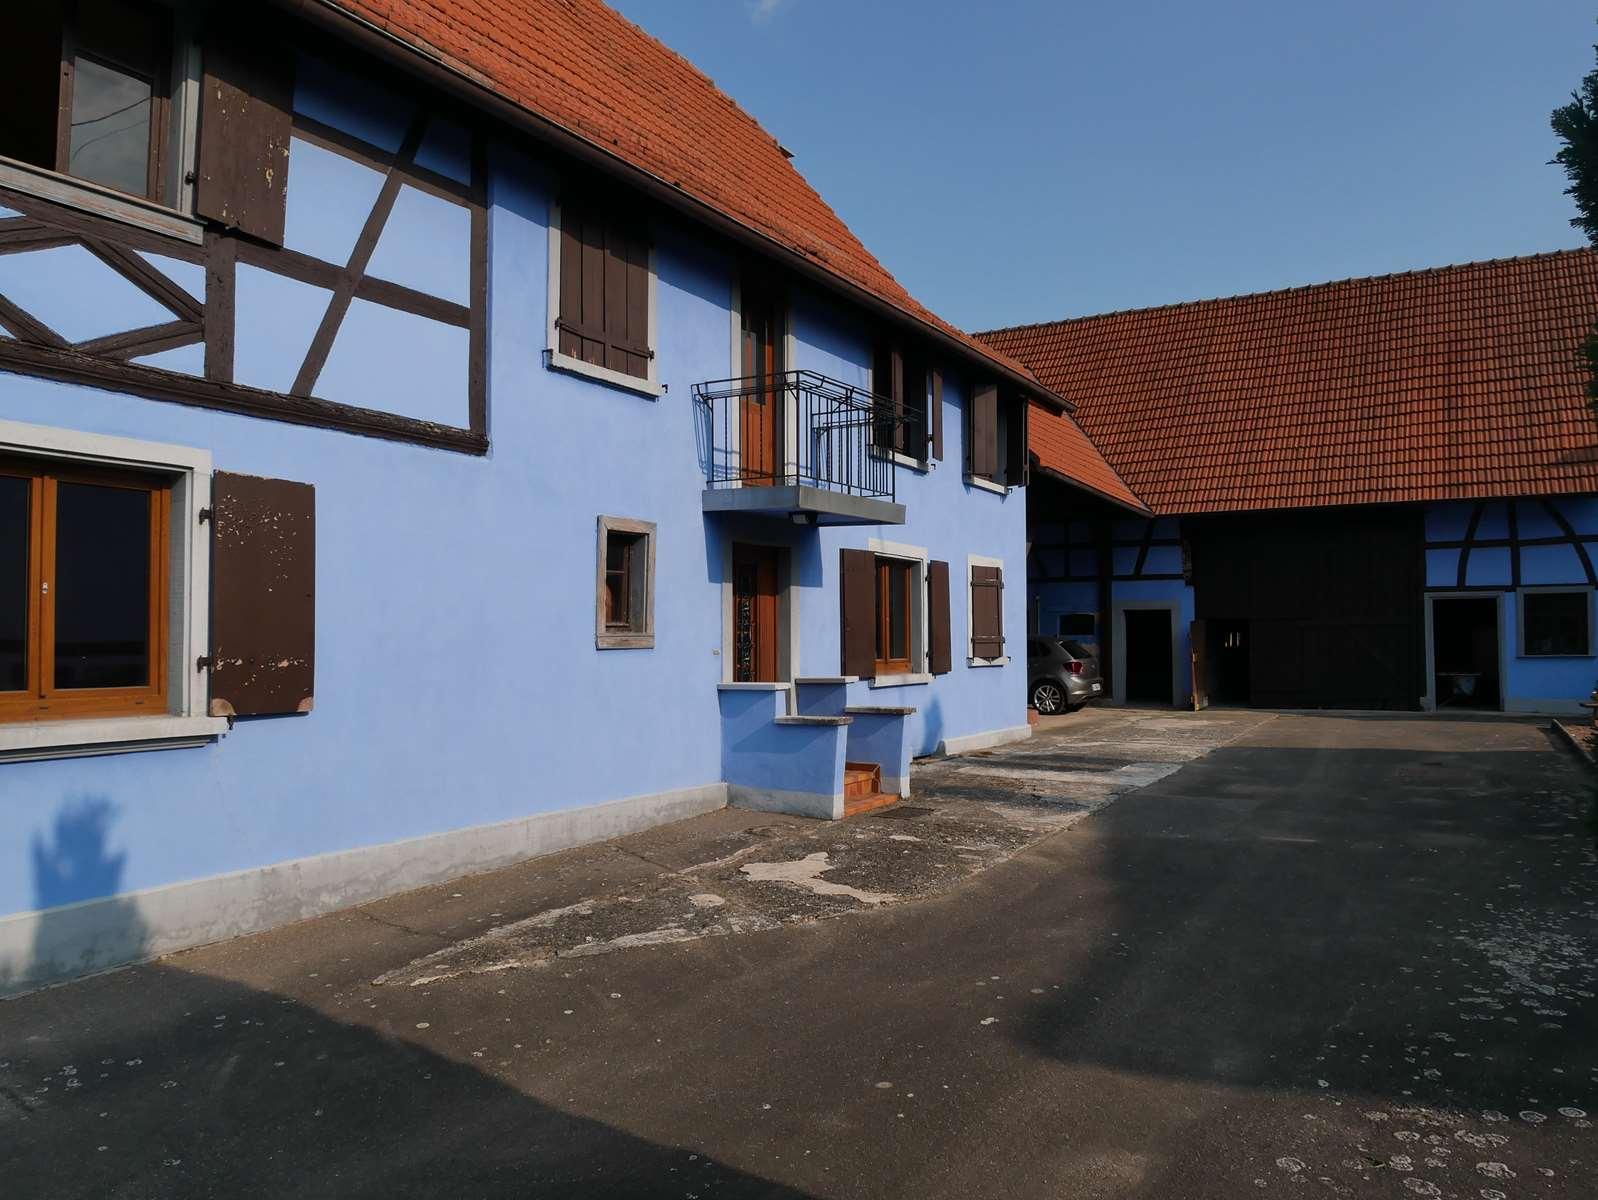 [Farmer] Une superbe maison alsacienne dans un corps de ferme - Weyersheim - nos ventes - Beausite Immobilier 2